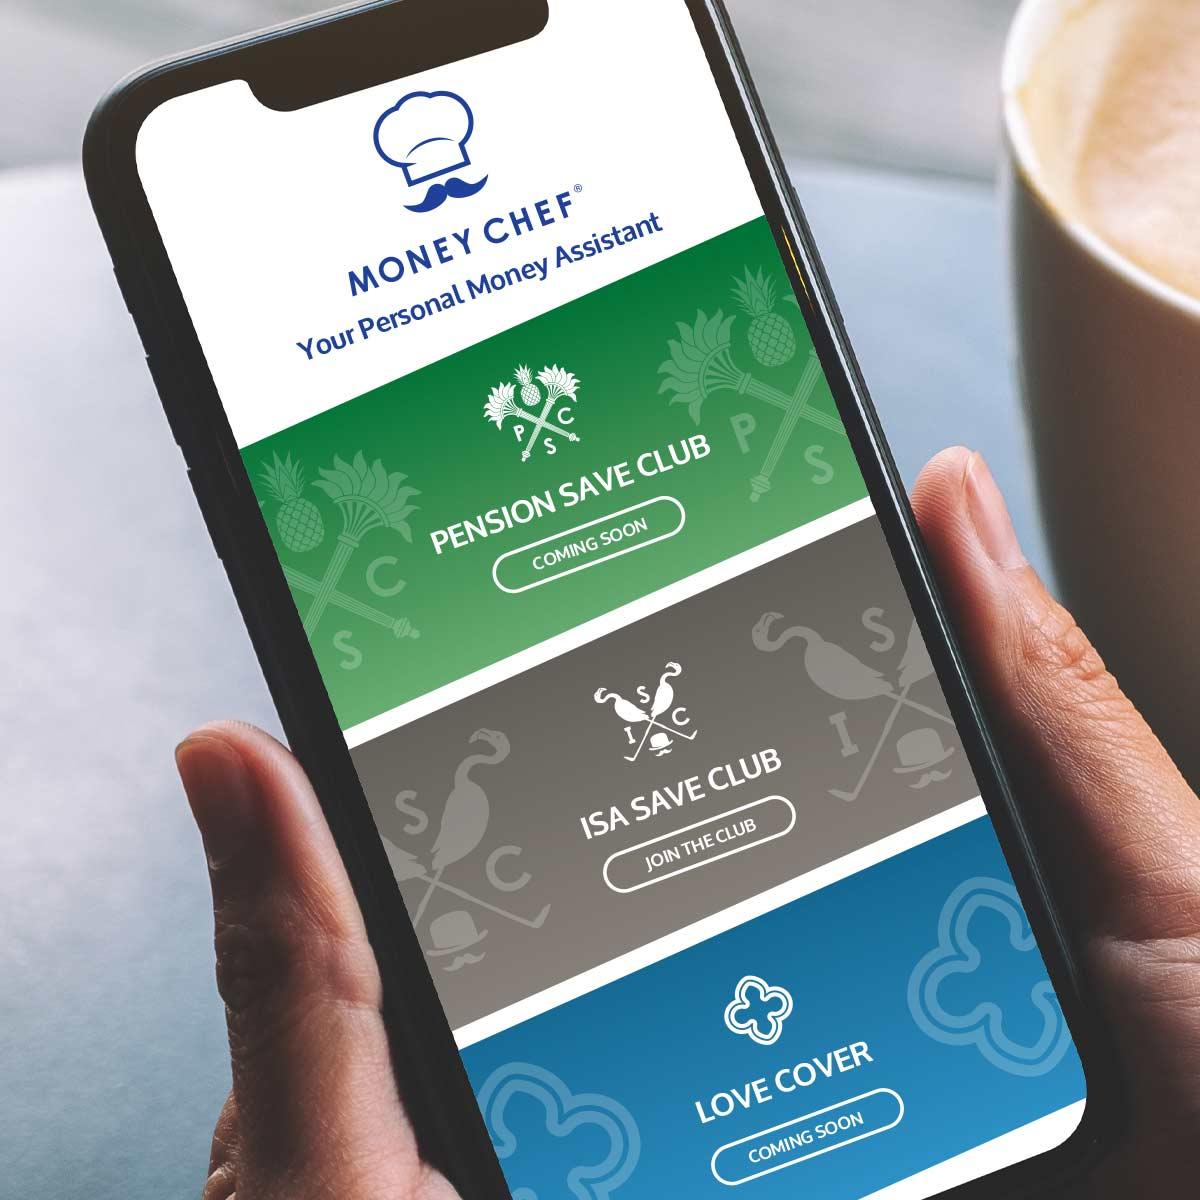 Financial planning app